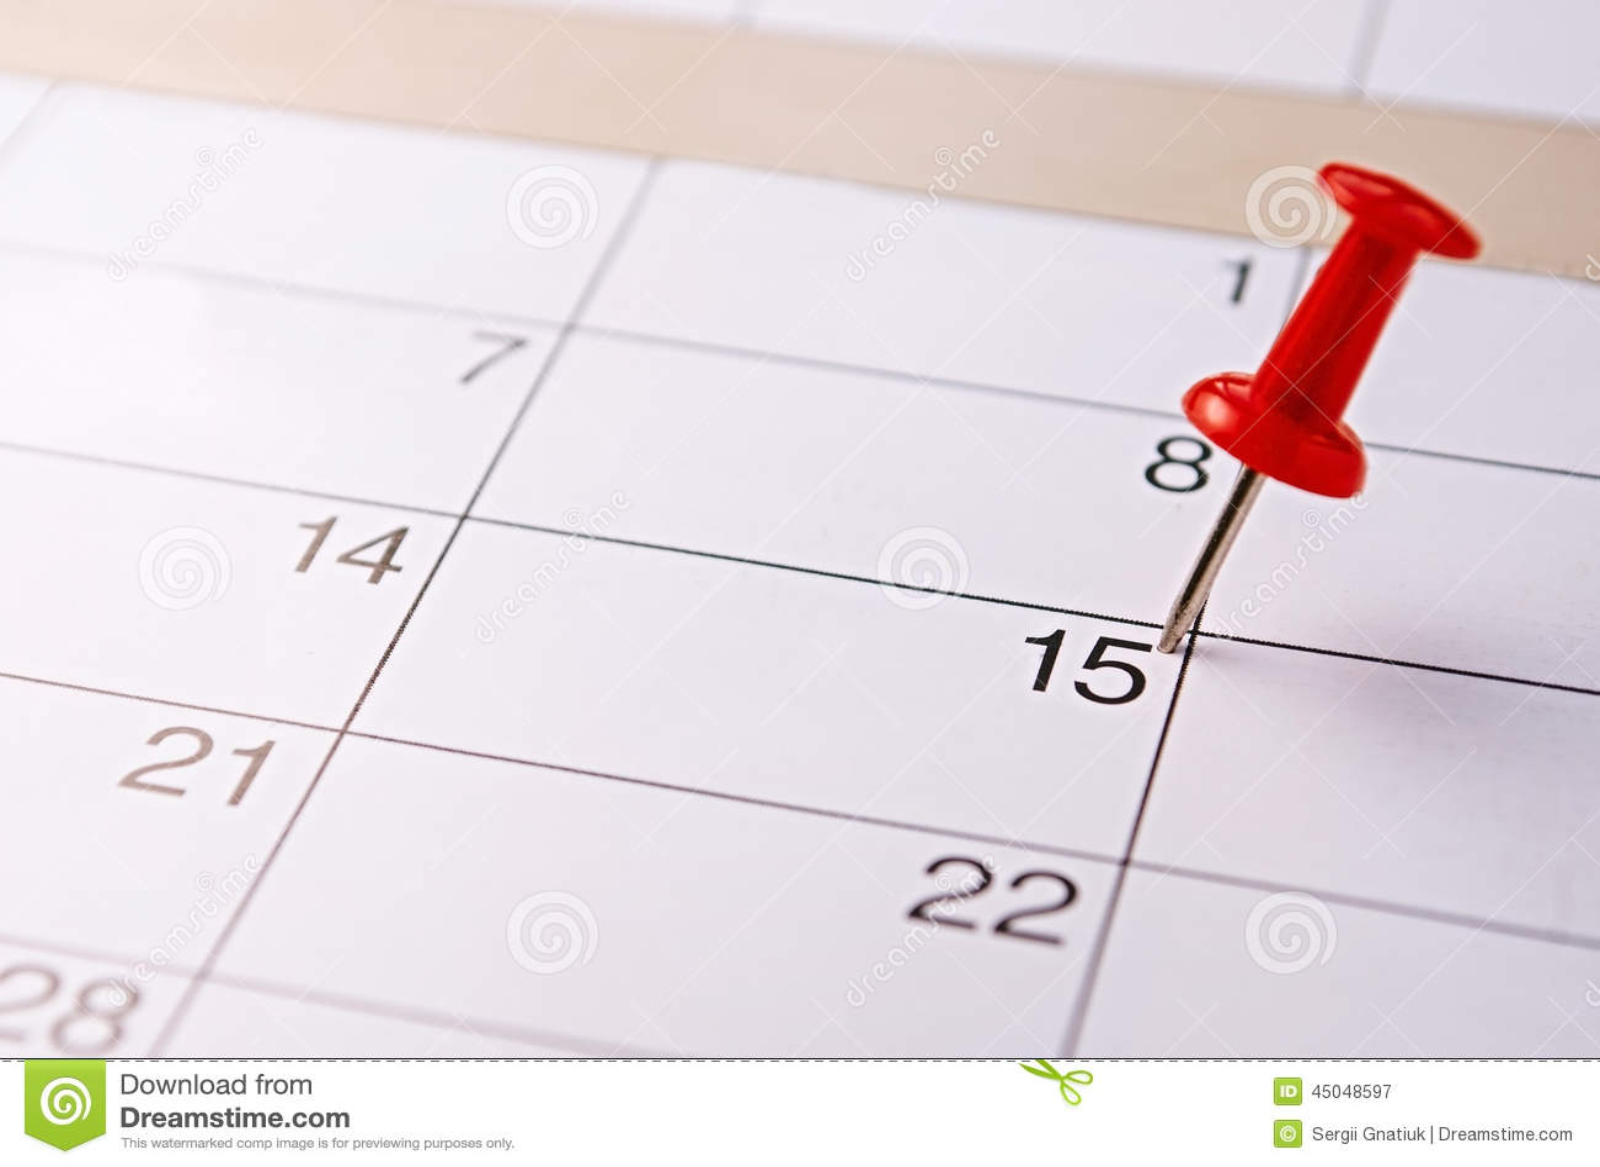 Rode speld die vijftiende op een kalender merken